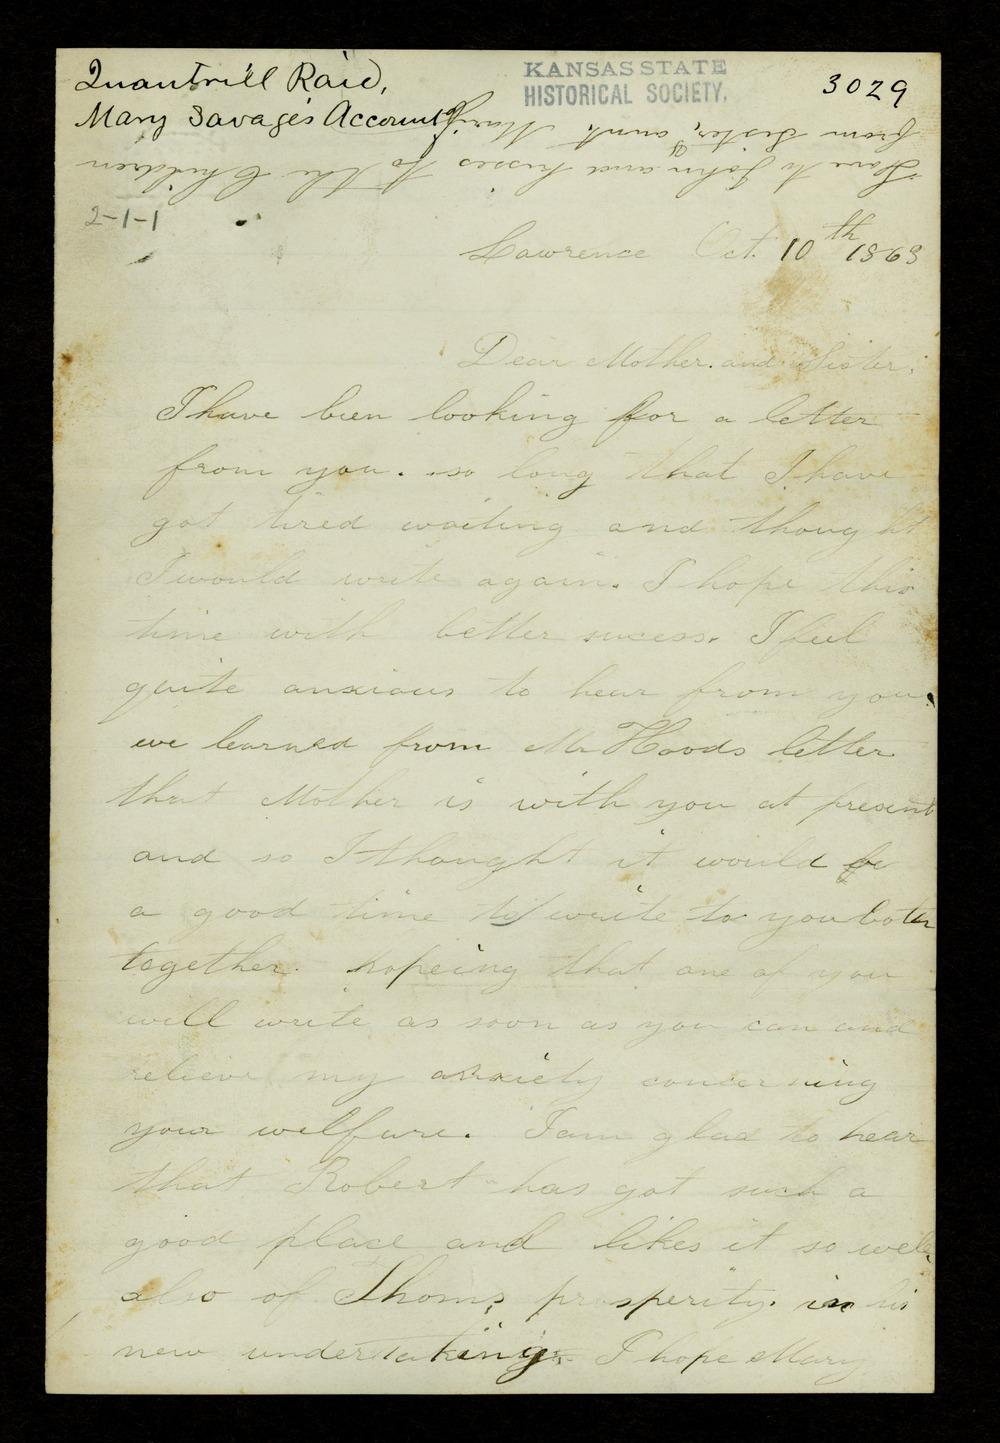 Mary Savage correspondence - 1